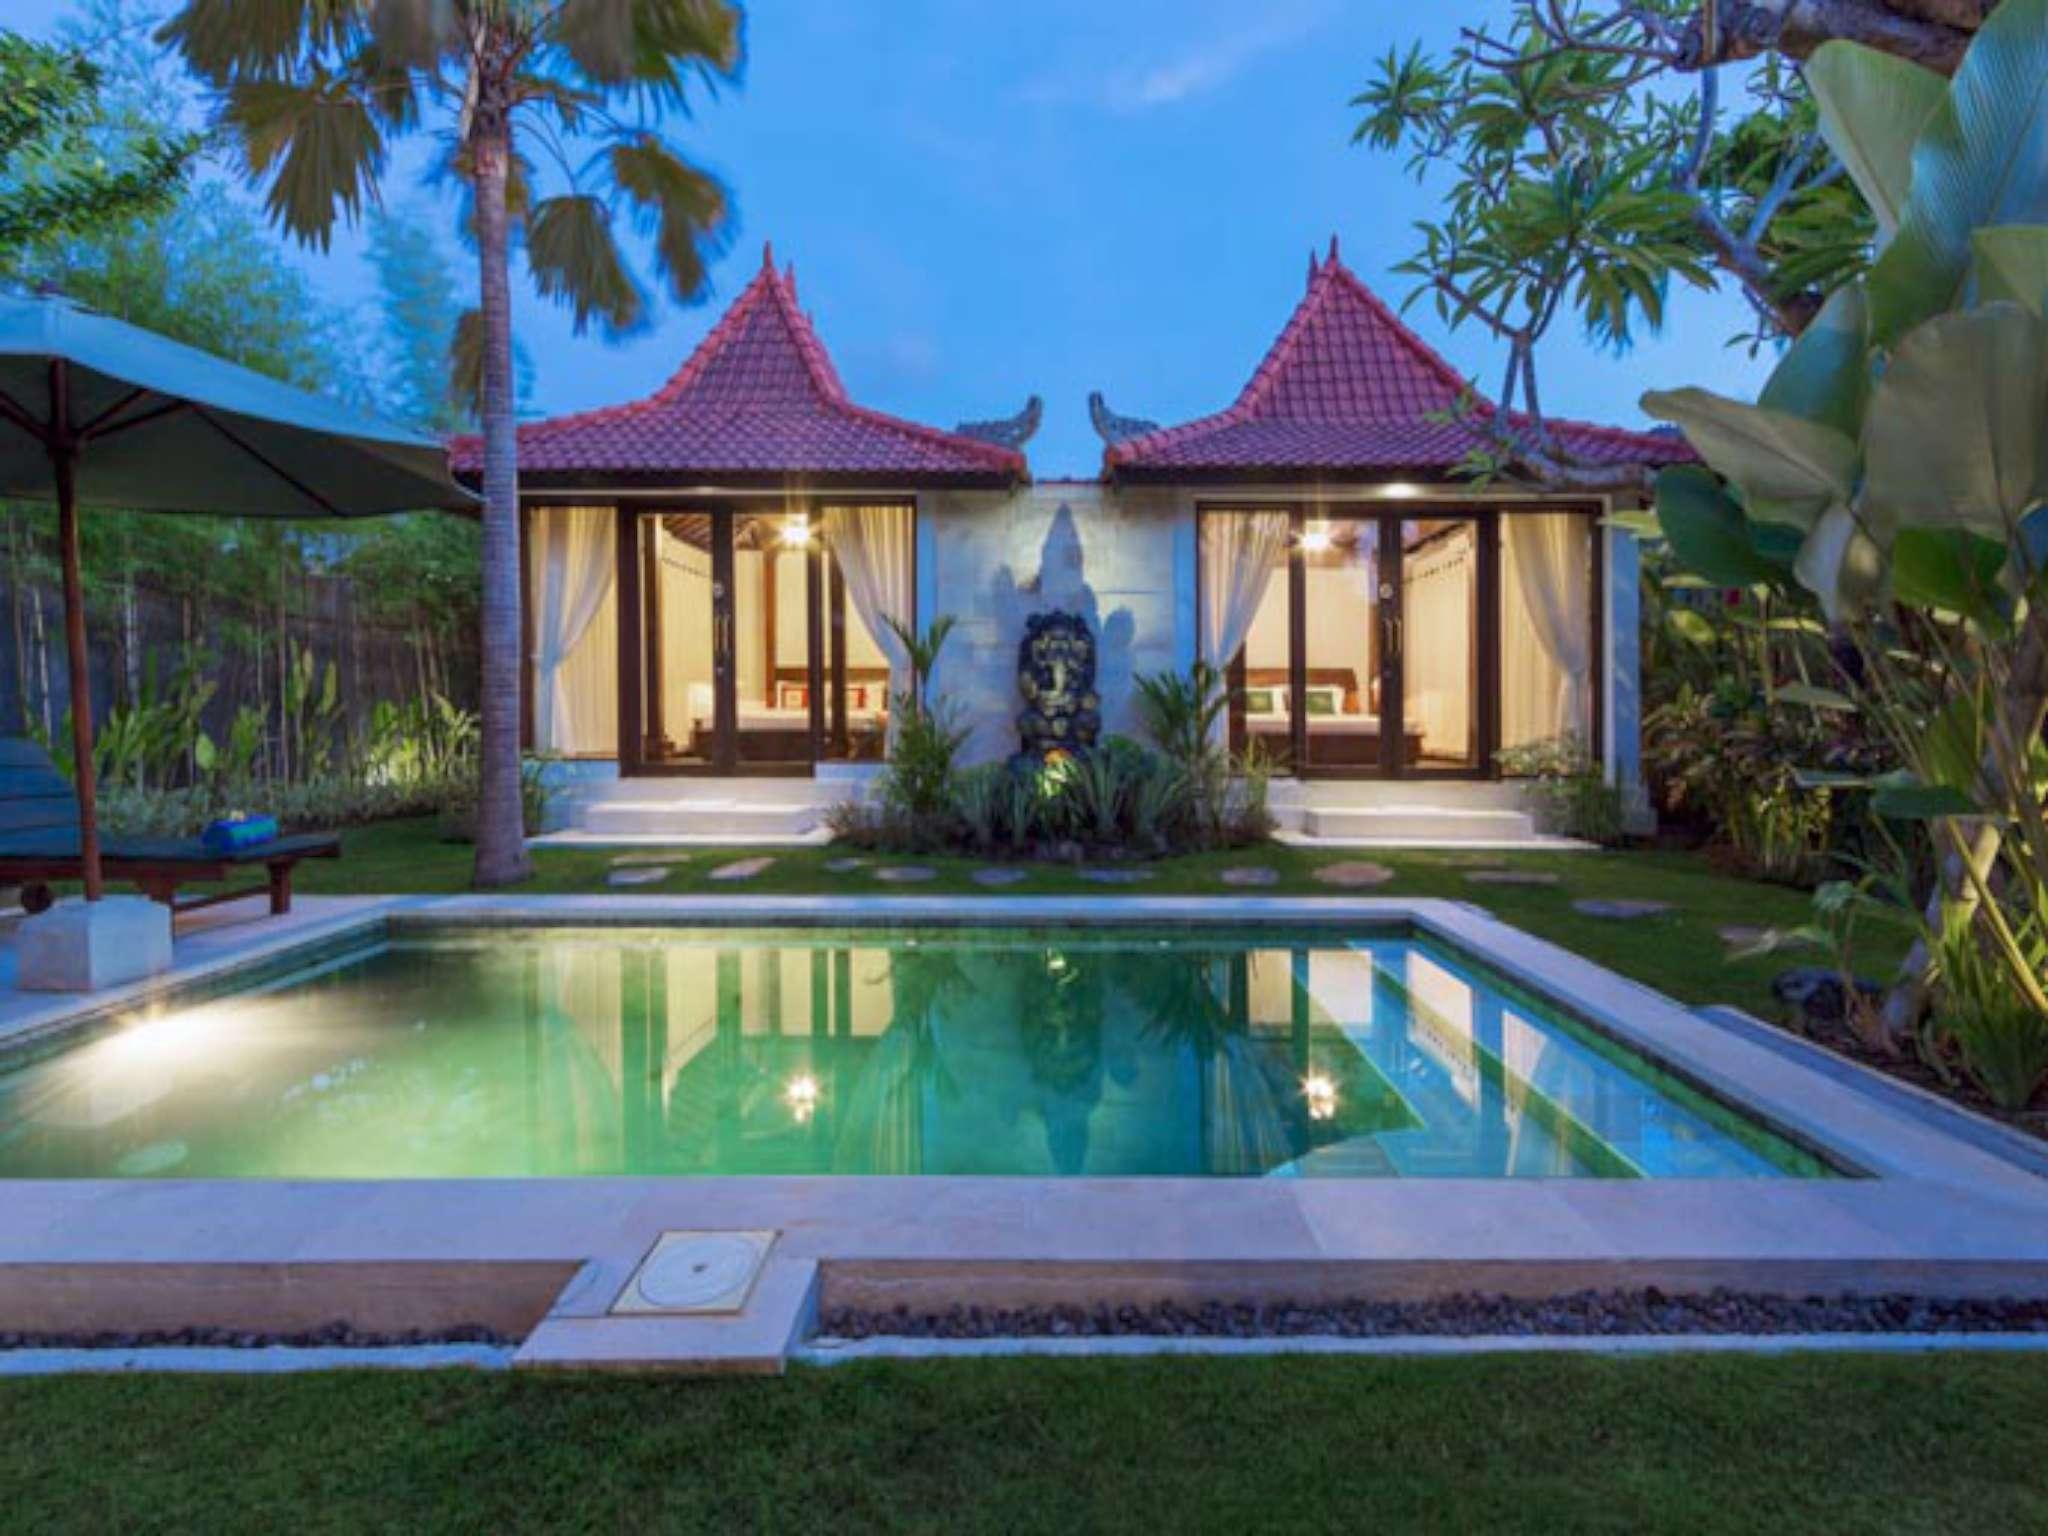 3BDR Private Pool Villa In Canggu